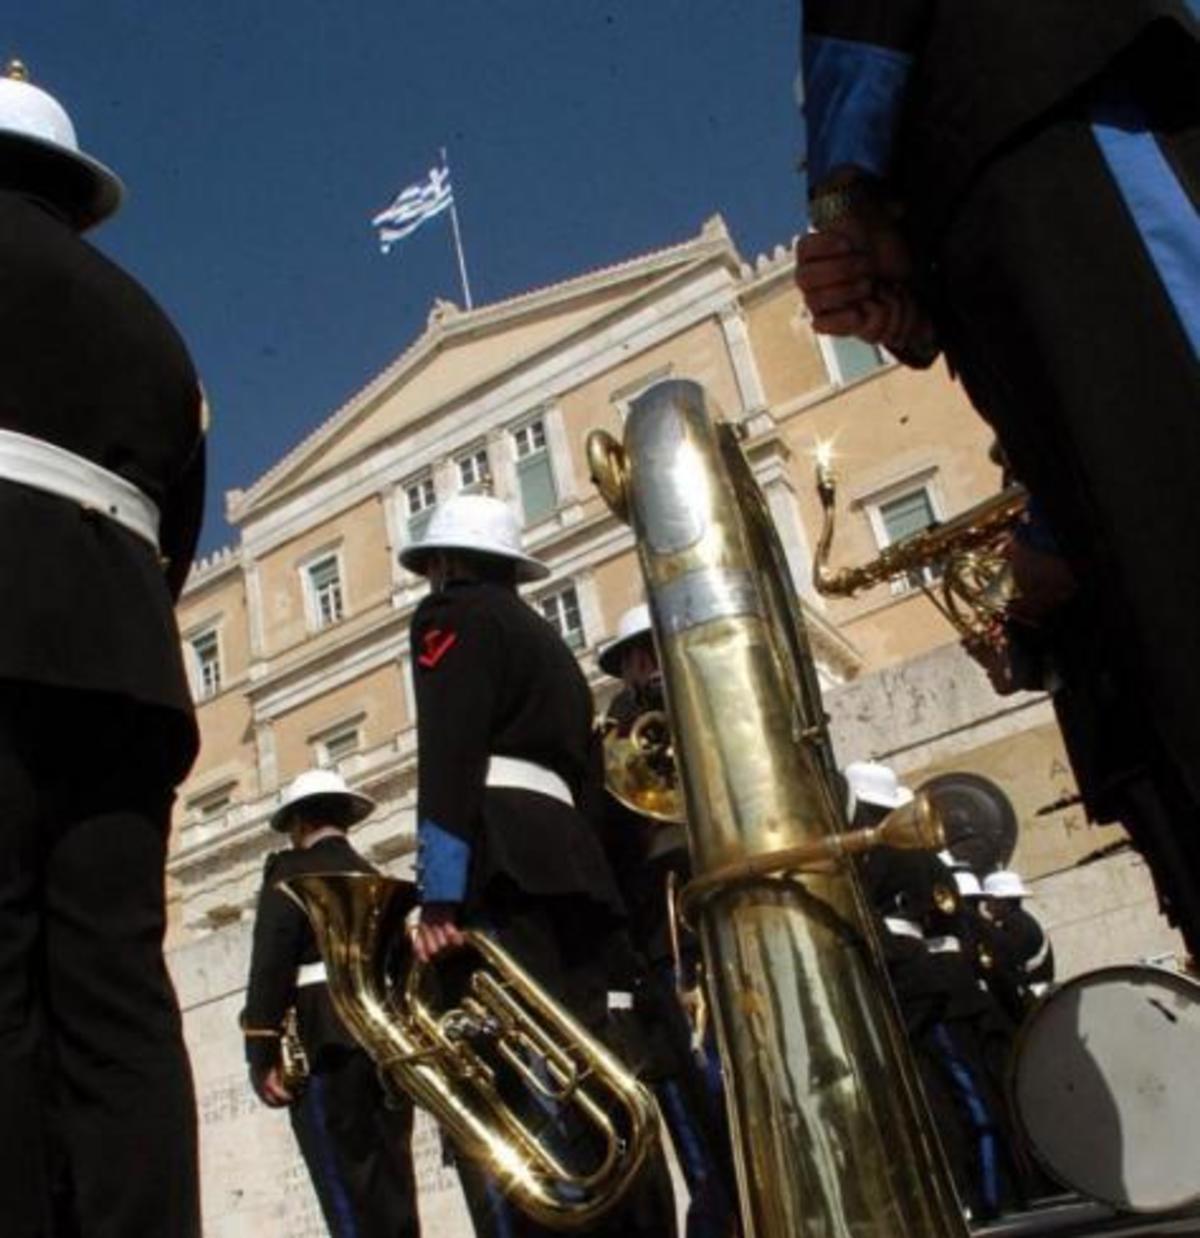 Τα χρόνια της σιωπής τελείωσαν. Οι στρατιωτικοί απέναντι στην κυβέρνηση! Αρχίζουν τα «όργανα» | Newsit.gr